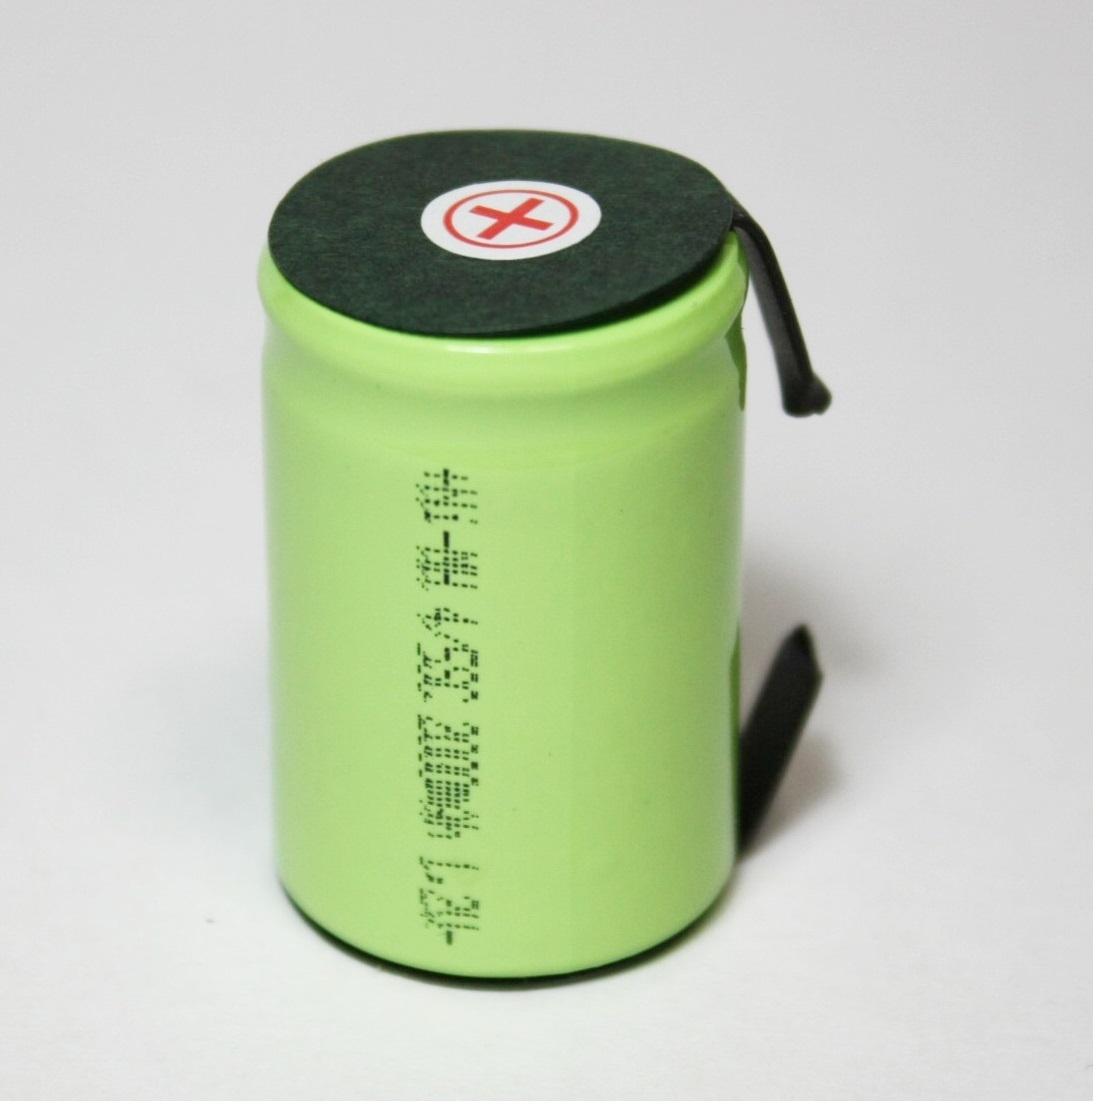 ★22.5x34mm NI-MH 4/5 SC ニッケル水素 セル タブ付 エアガン 電動ガン ドライバー ドリル 工具 掃除機 インパクト 充電池 バッテリー03_画像2